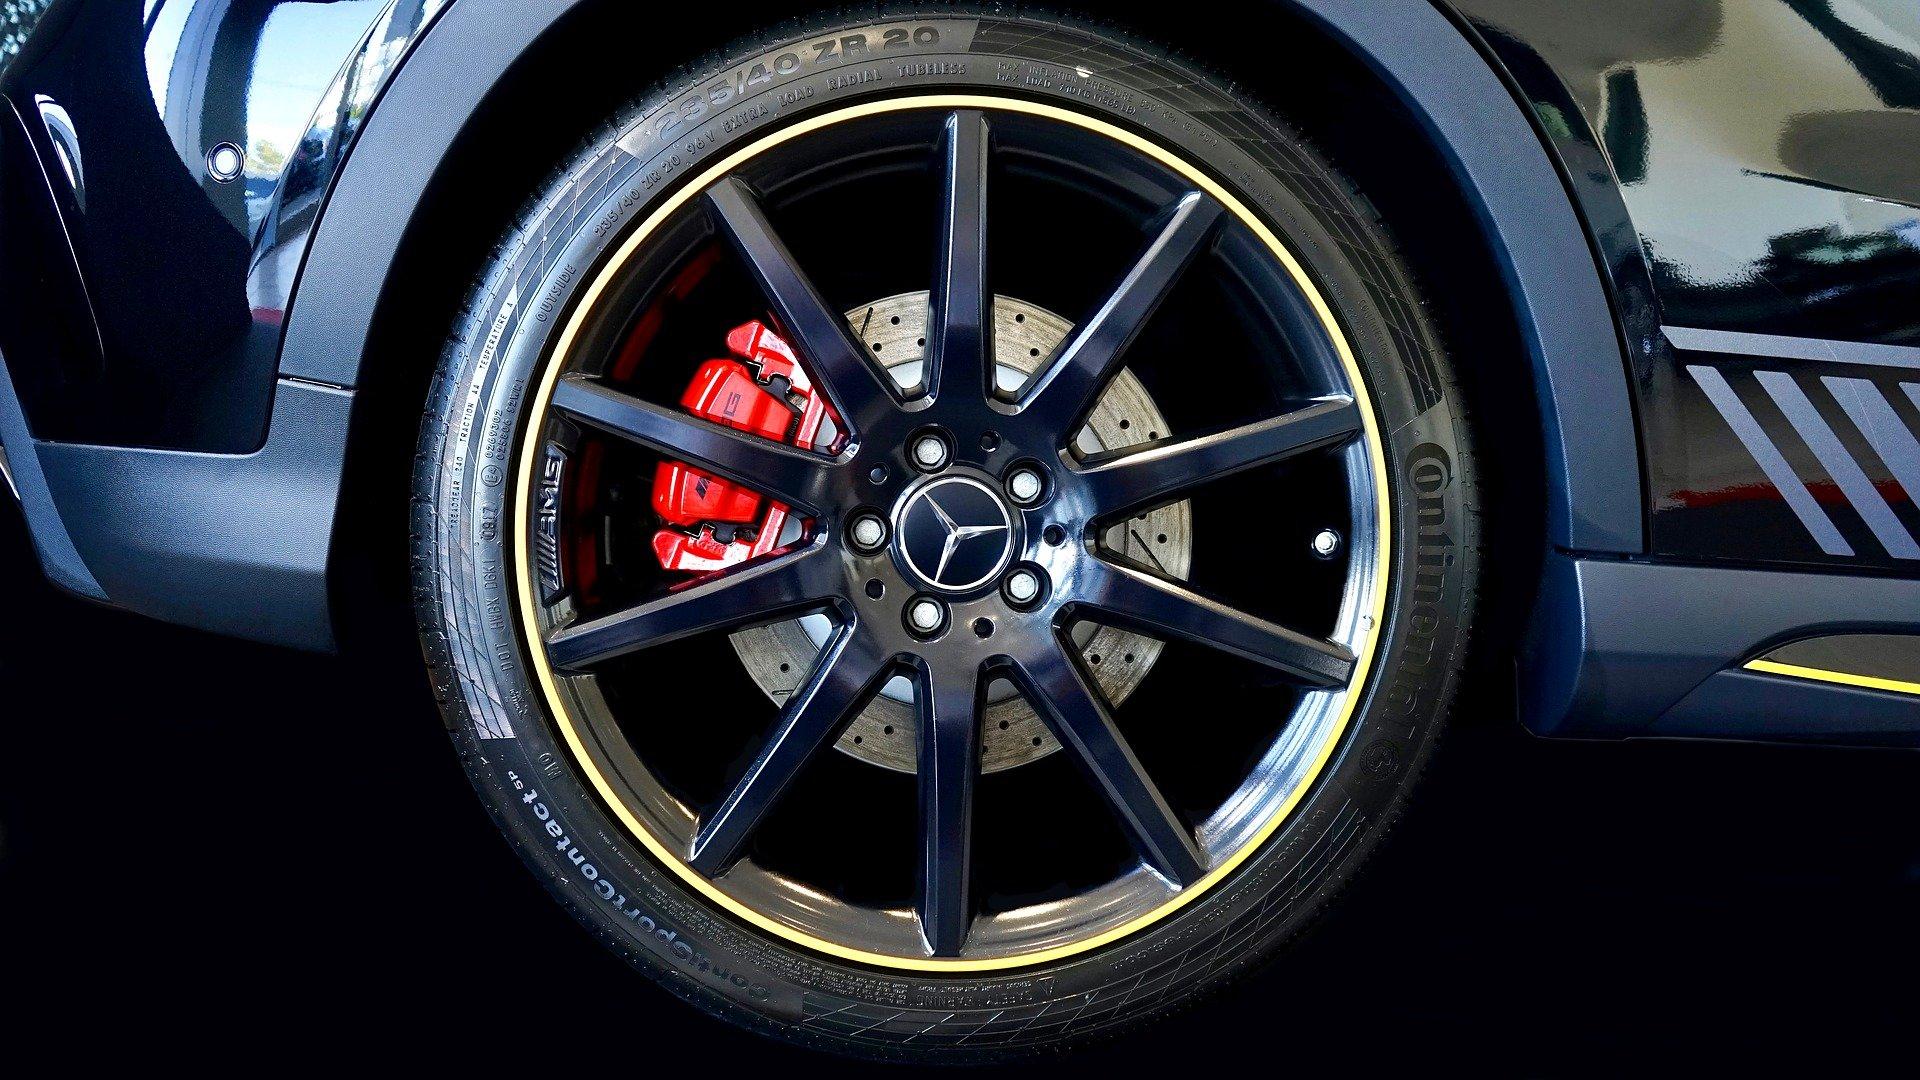 Car shock absorber brands